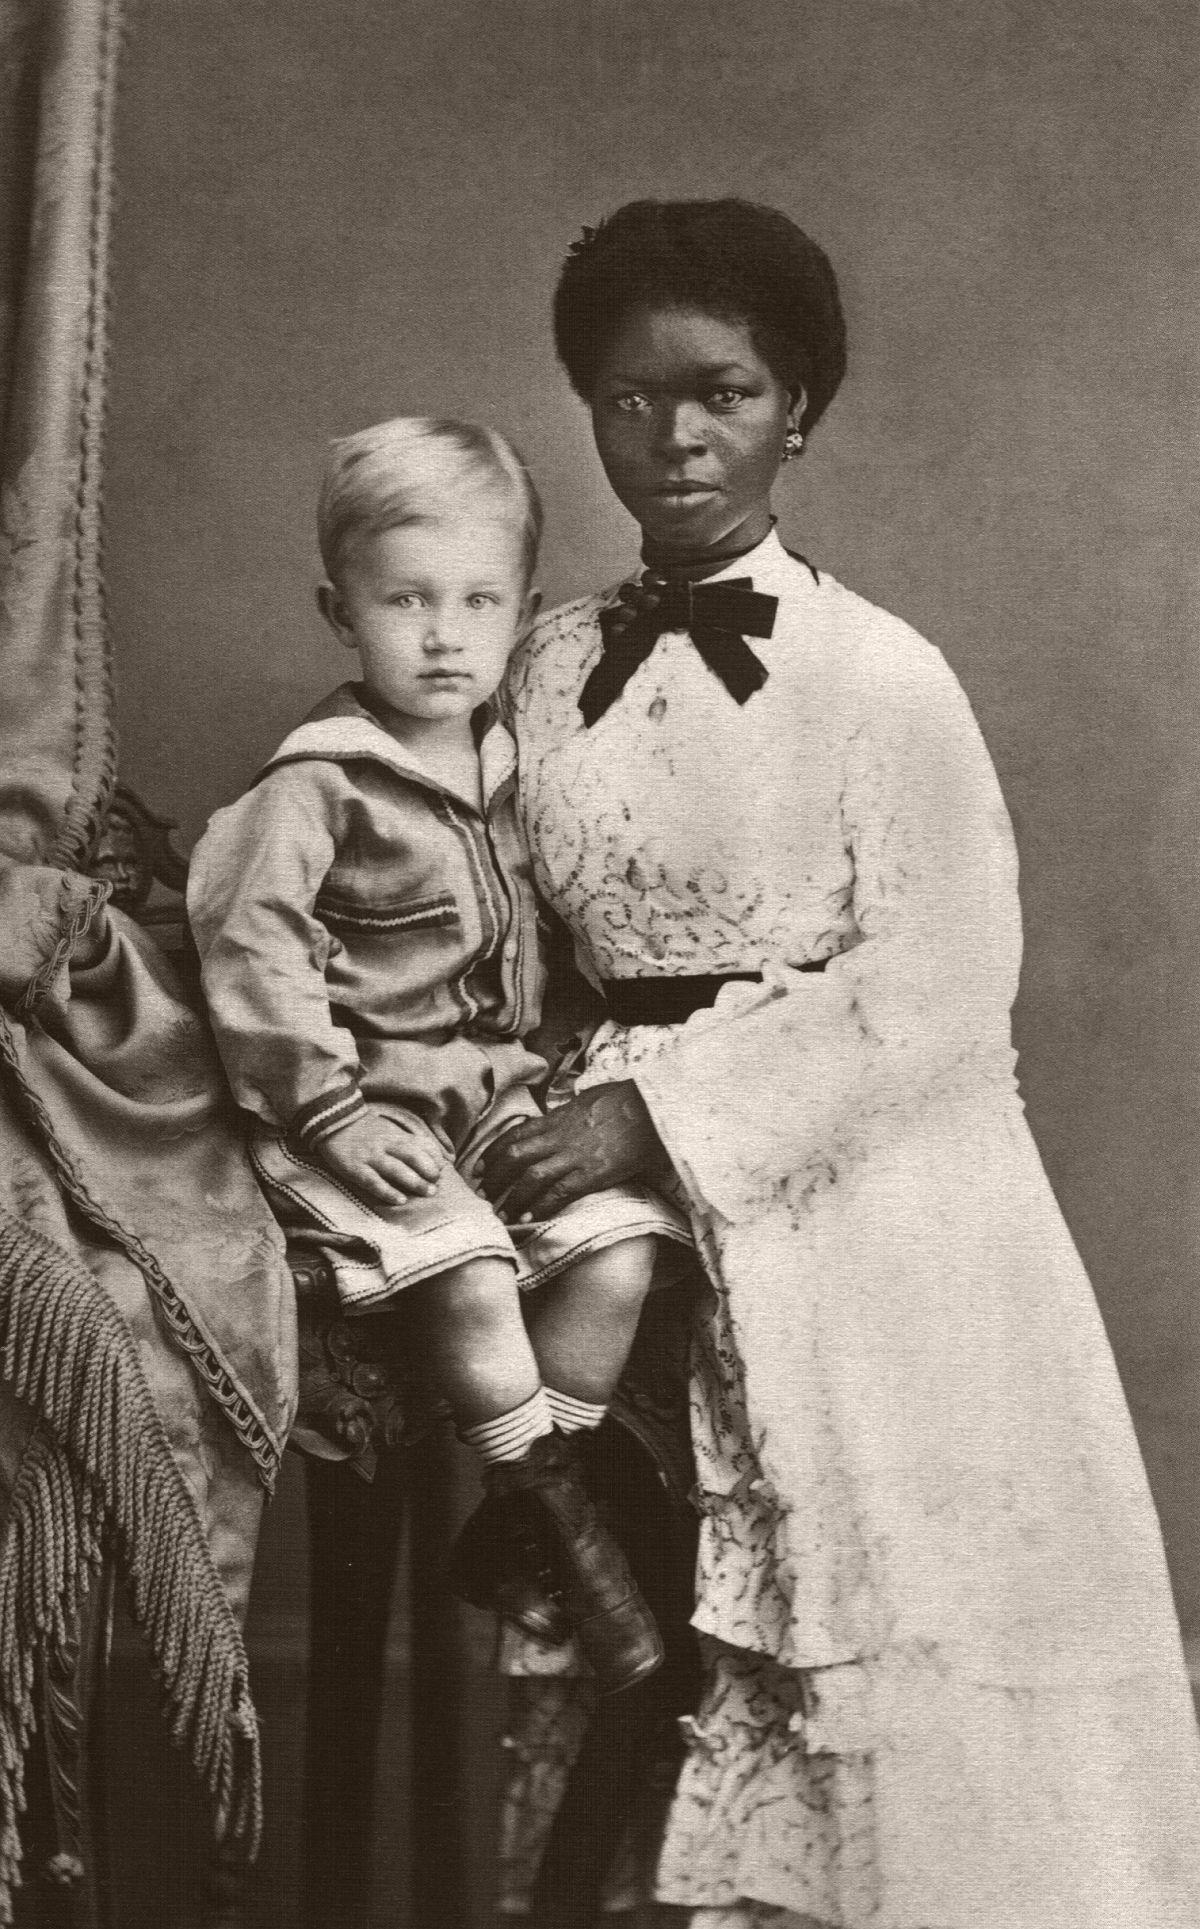 Eugen Keller and his nanny in Pernambuco, Brazil. 1874